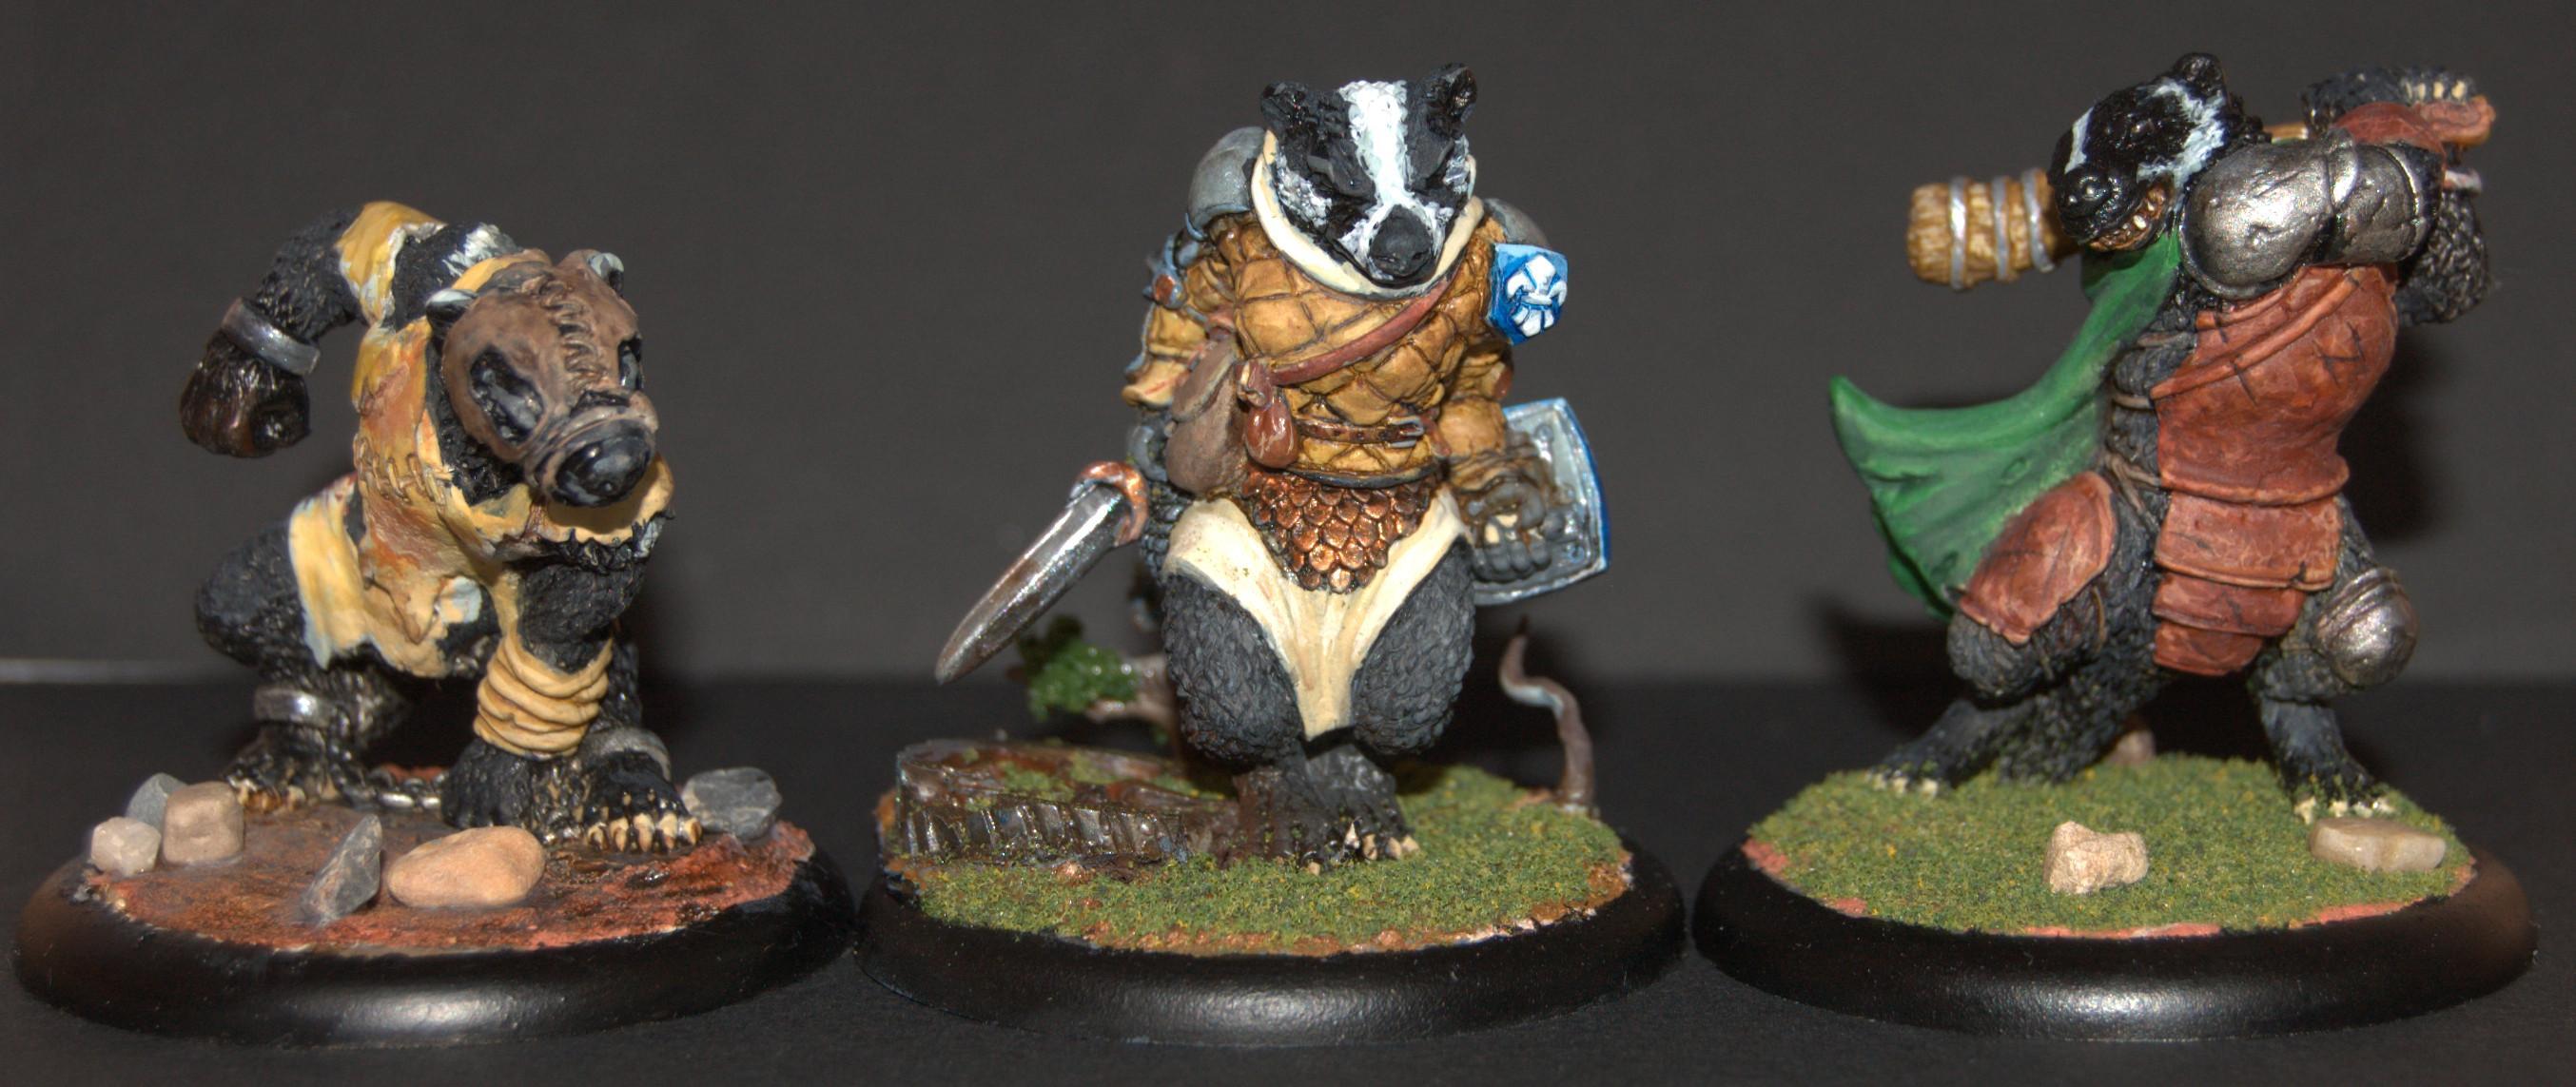 Badgers, Oathsworn, Warhammer Fantasy, Wereanimals